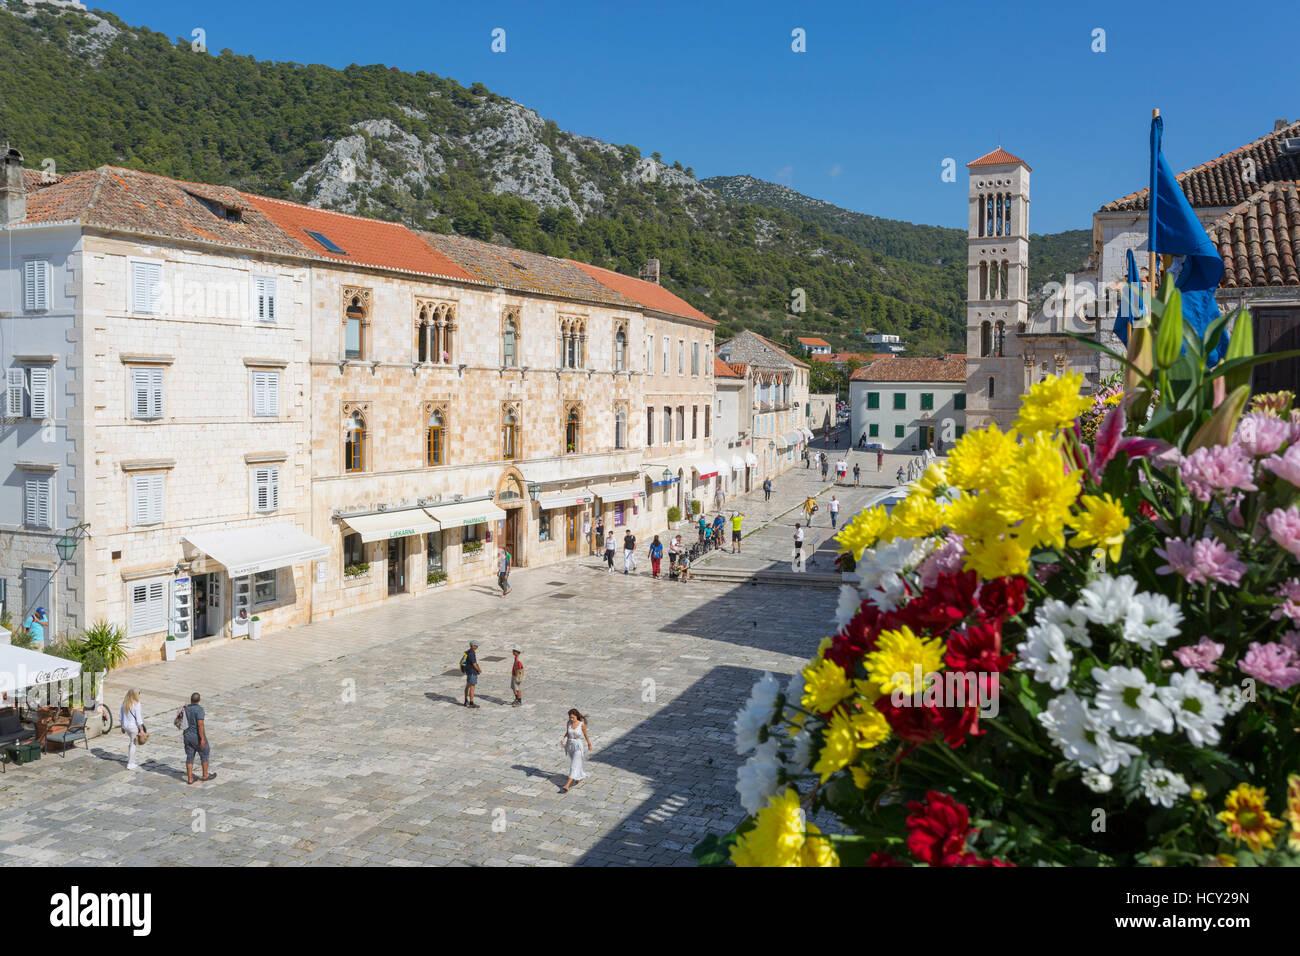 Place principale, Hvar, île de Hvar, Dalmatie, Croatie Photo Stock